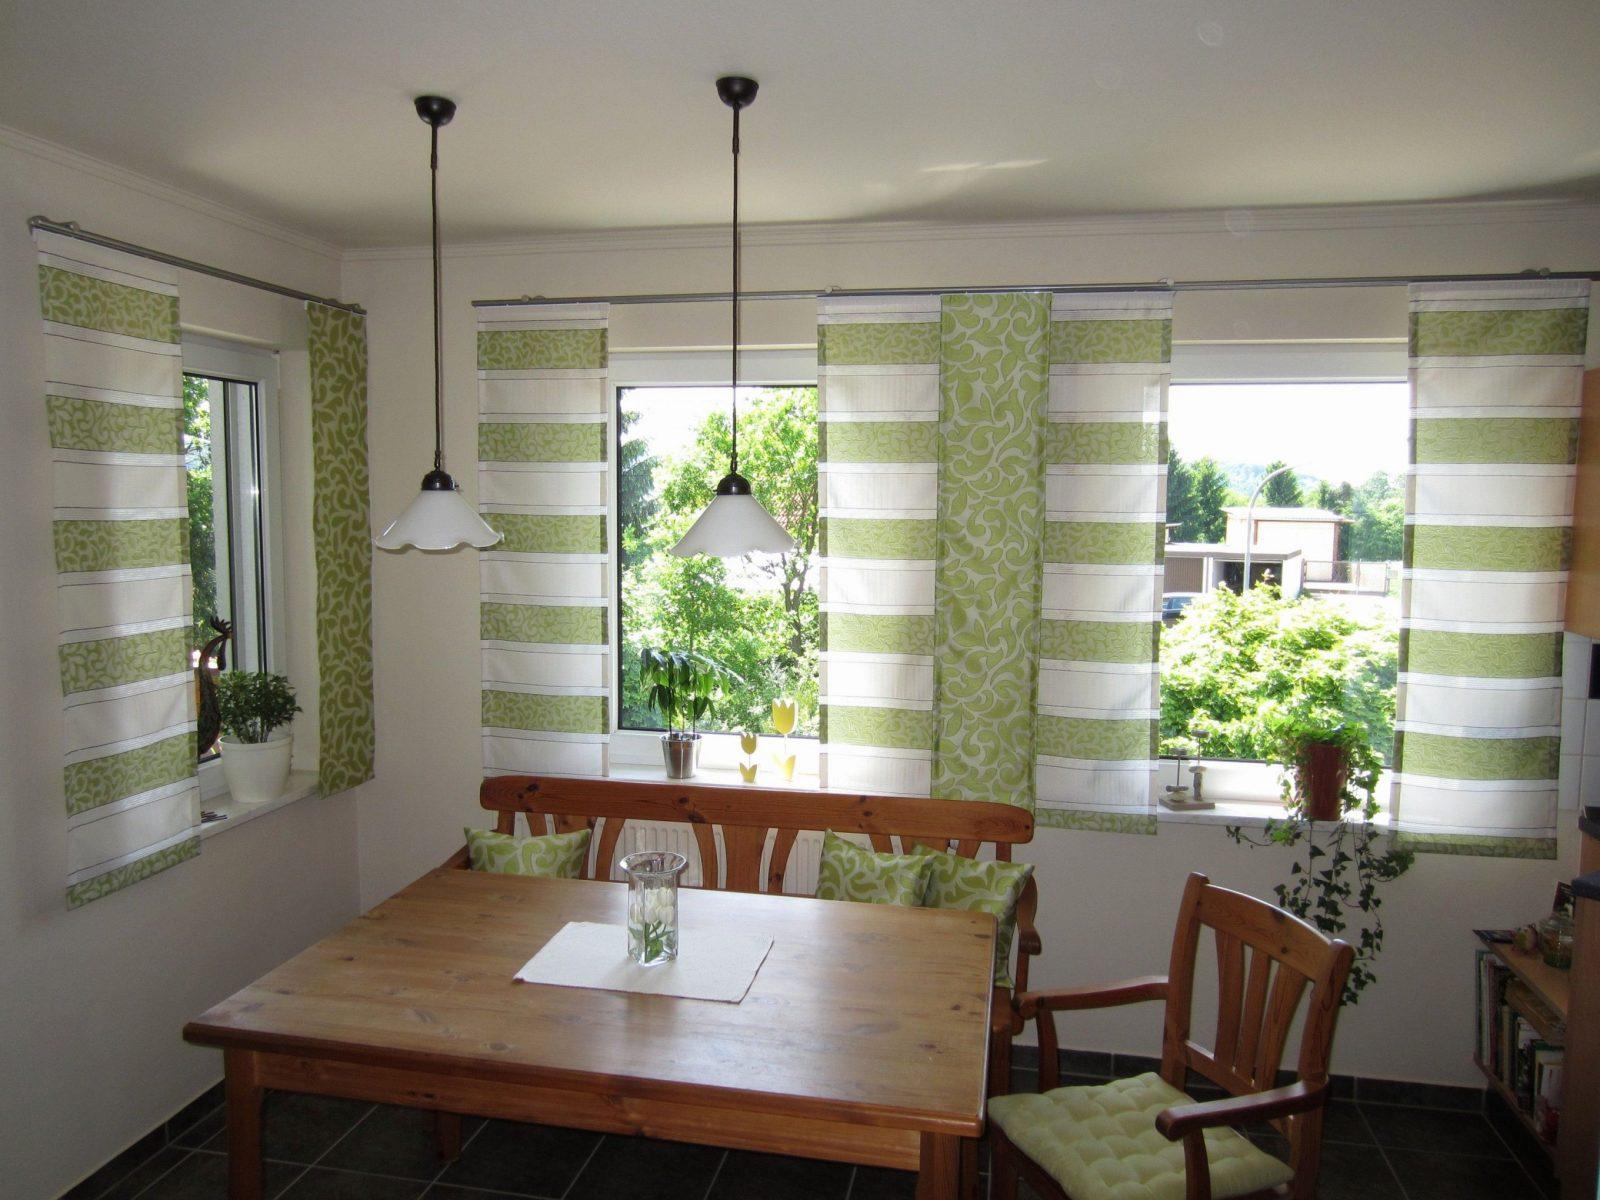 Moderne Gardinen Fur Kleine Fenster Luxus Vorhange Fur Kuche Fenster von Vorhang Ideen Für Kleine Fenster Photo